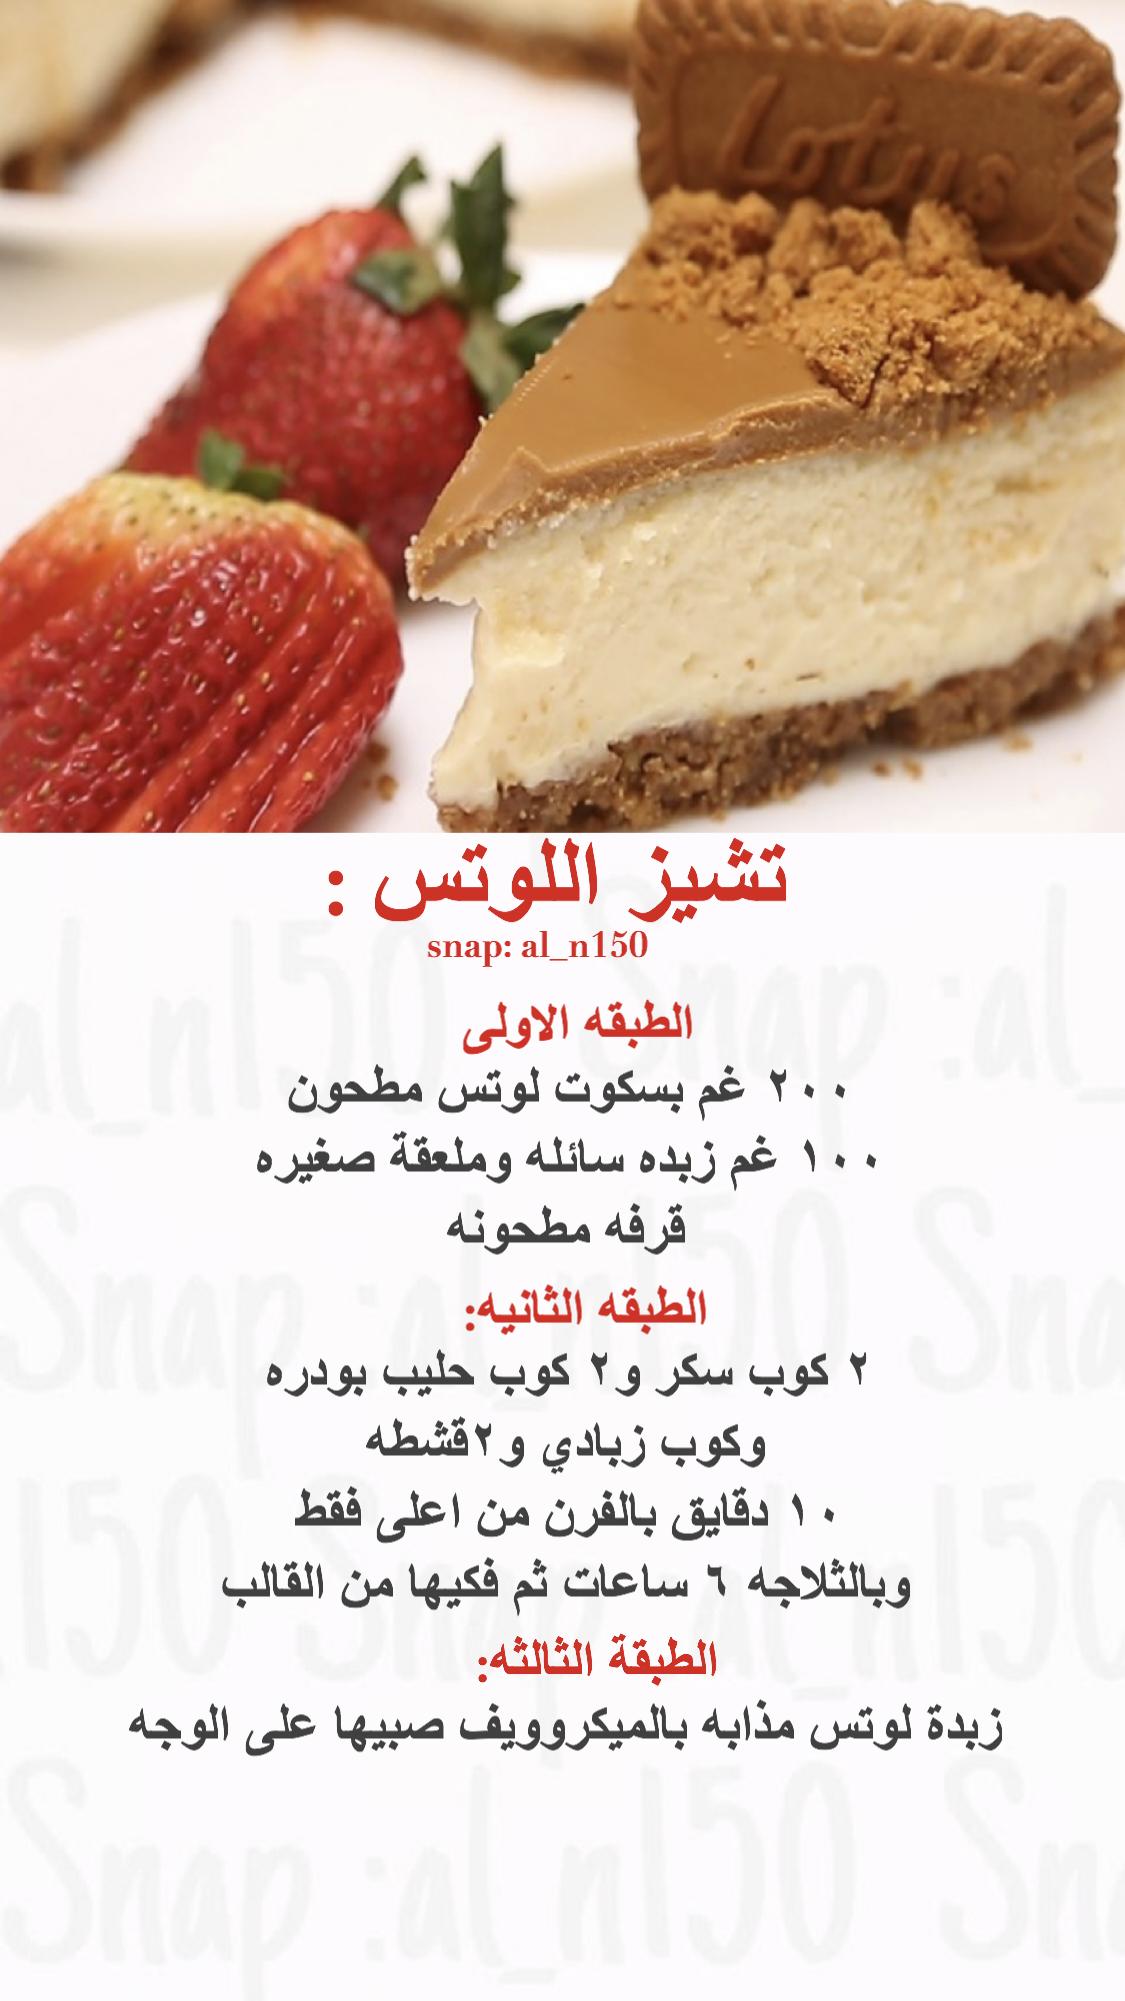 تشيز اللوتس Healty Food Sweet Recipes Arabian Food